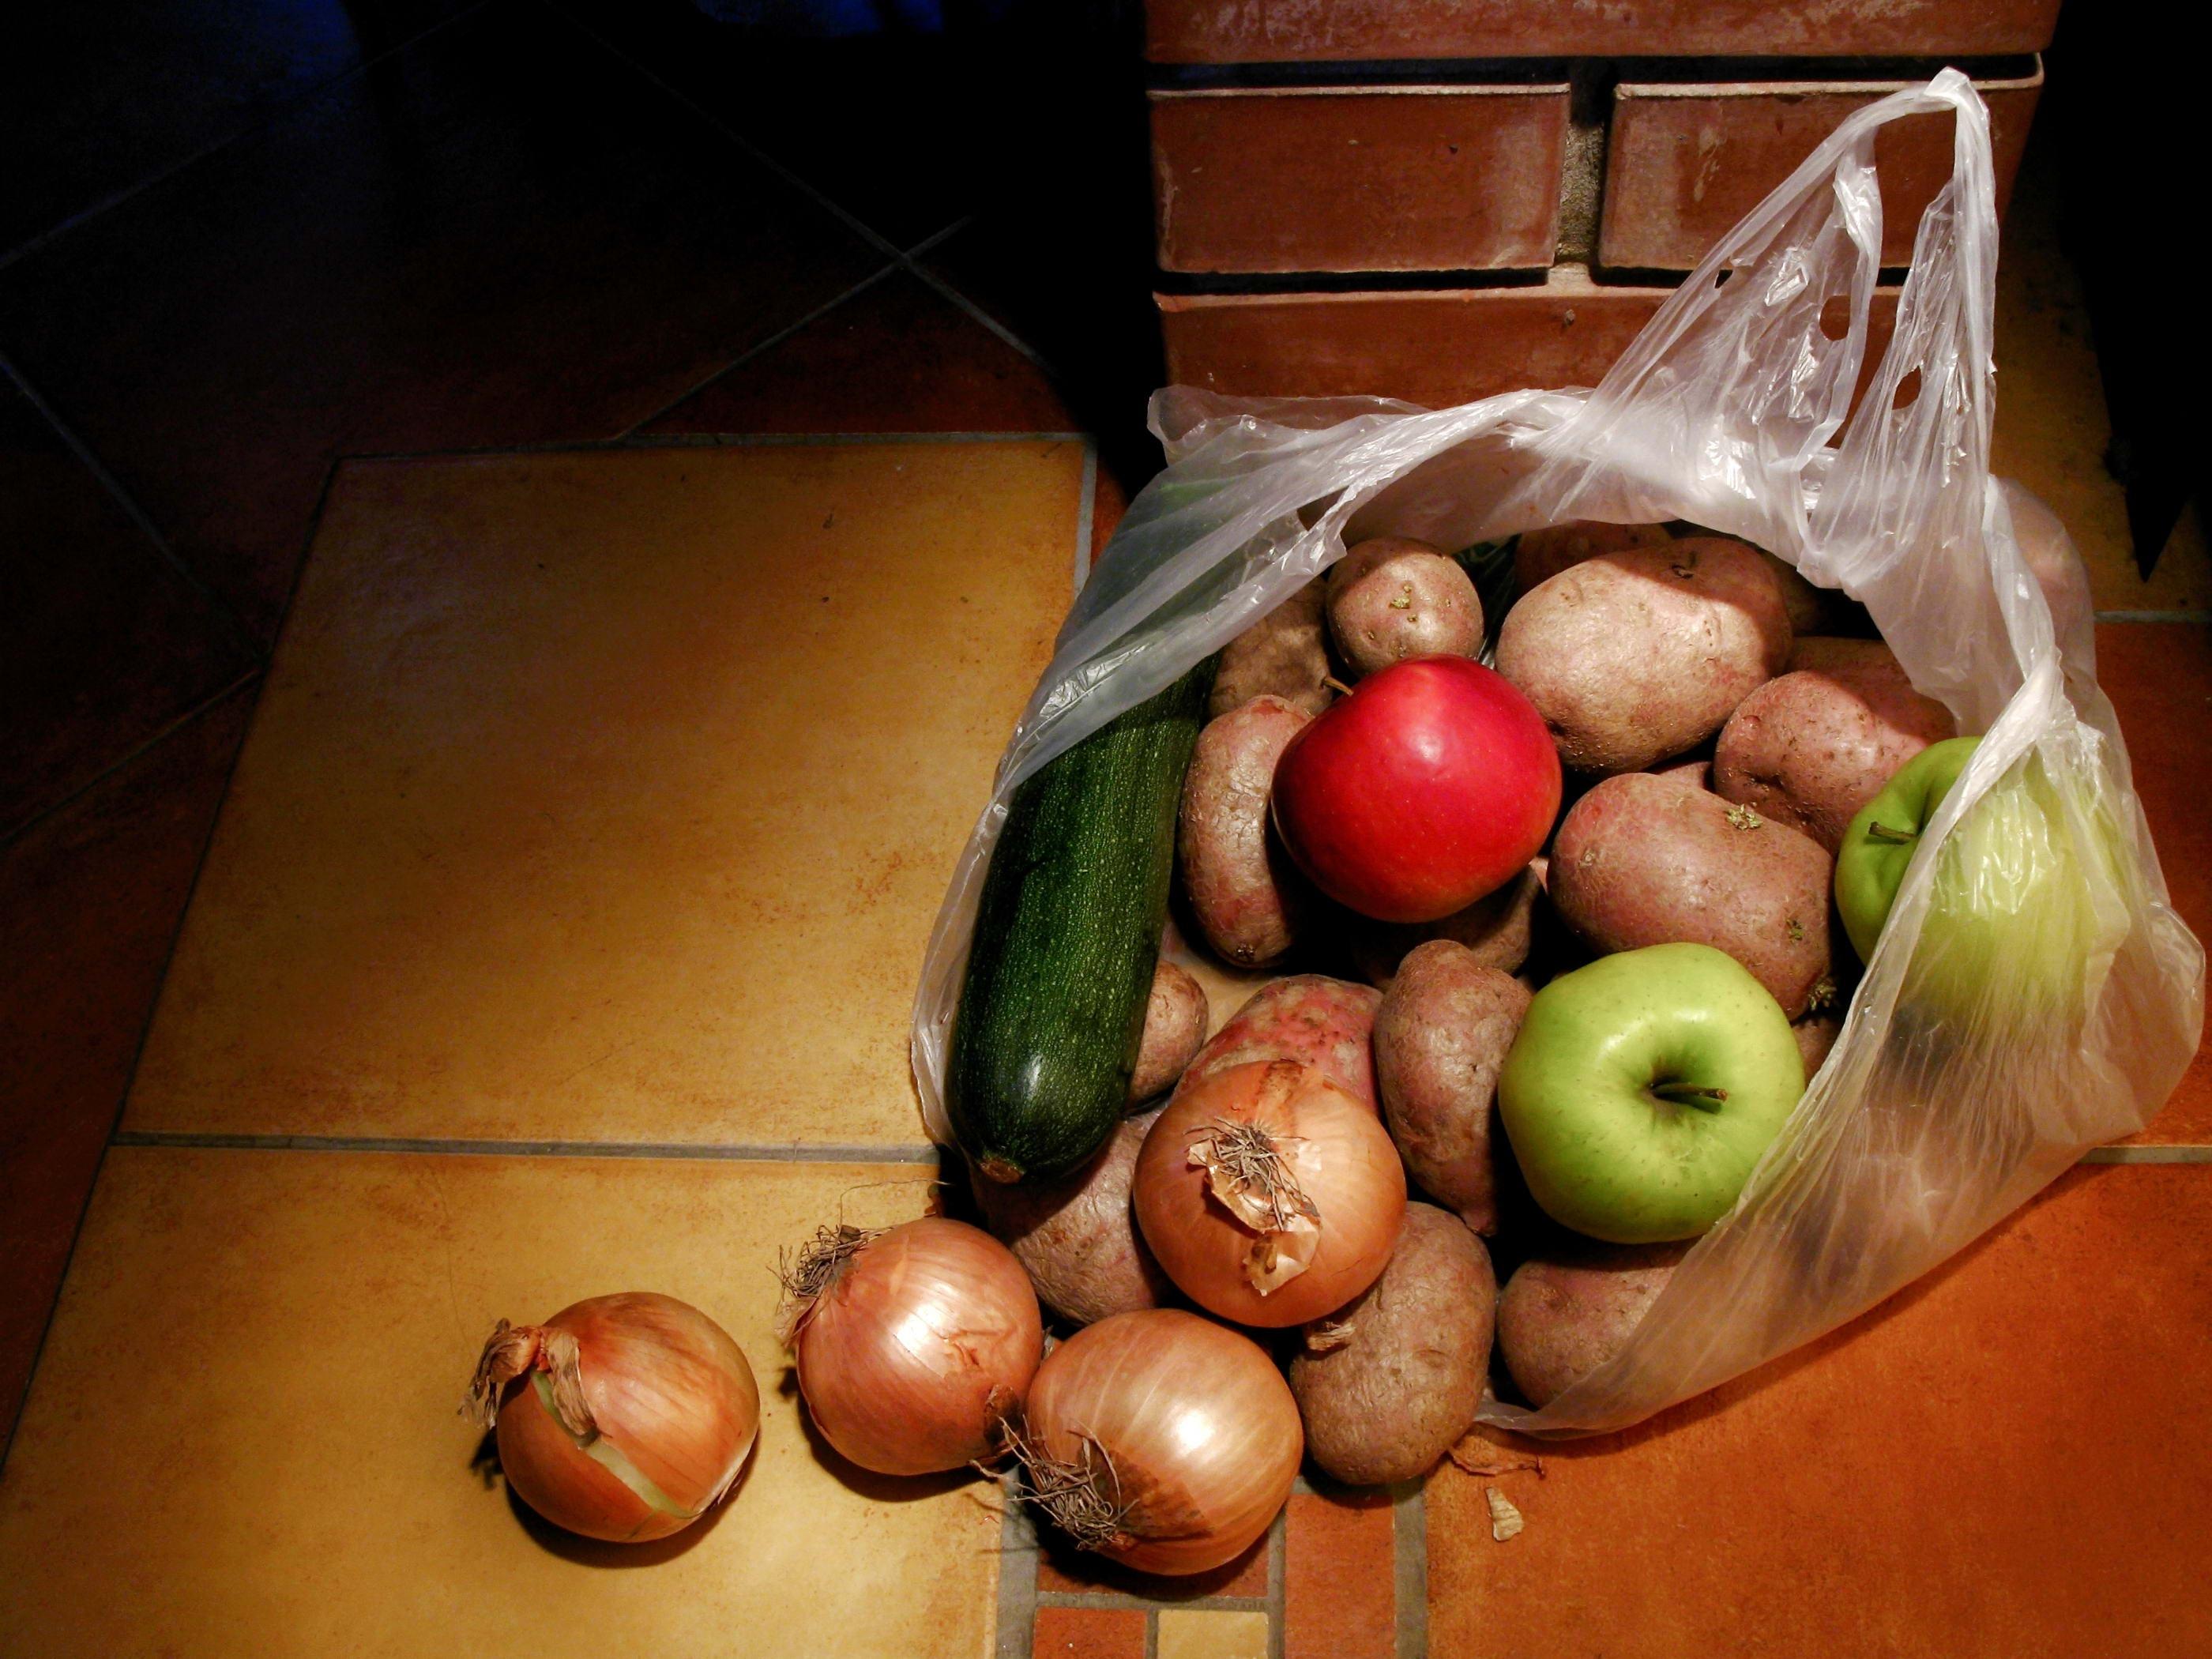 Hintergrundbilder : Malerei, Lebensmittel, Gemüse, Tasche, Früchte ...